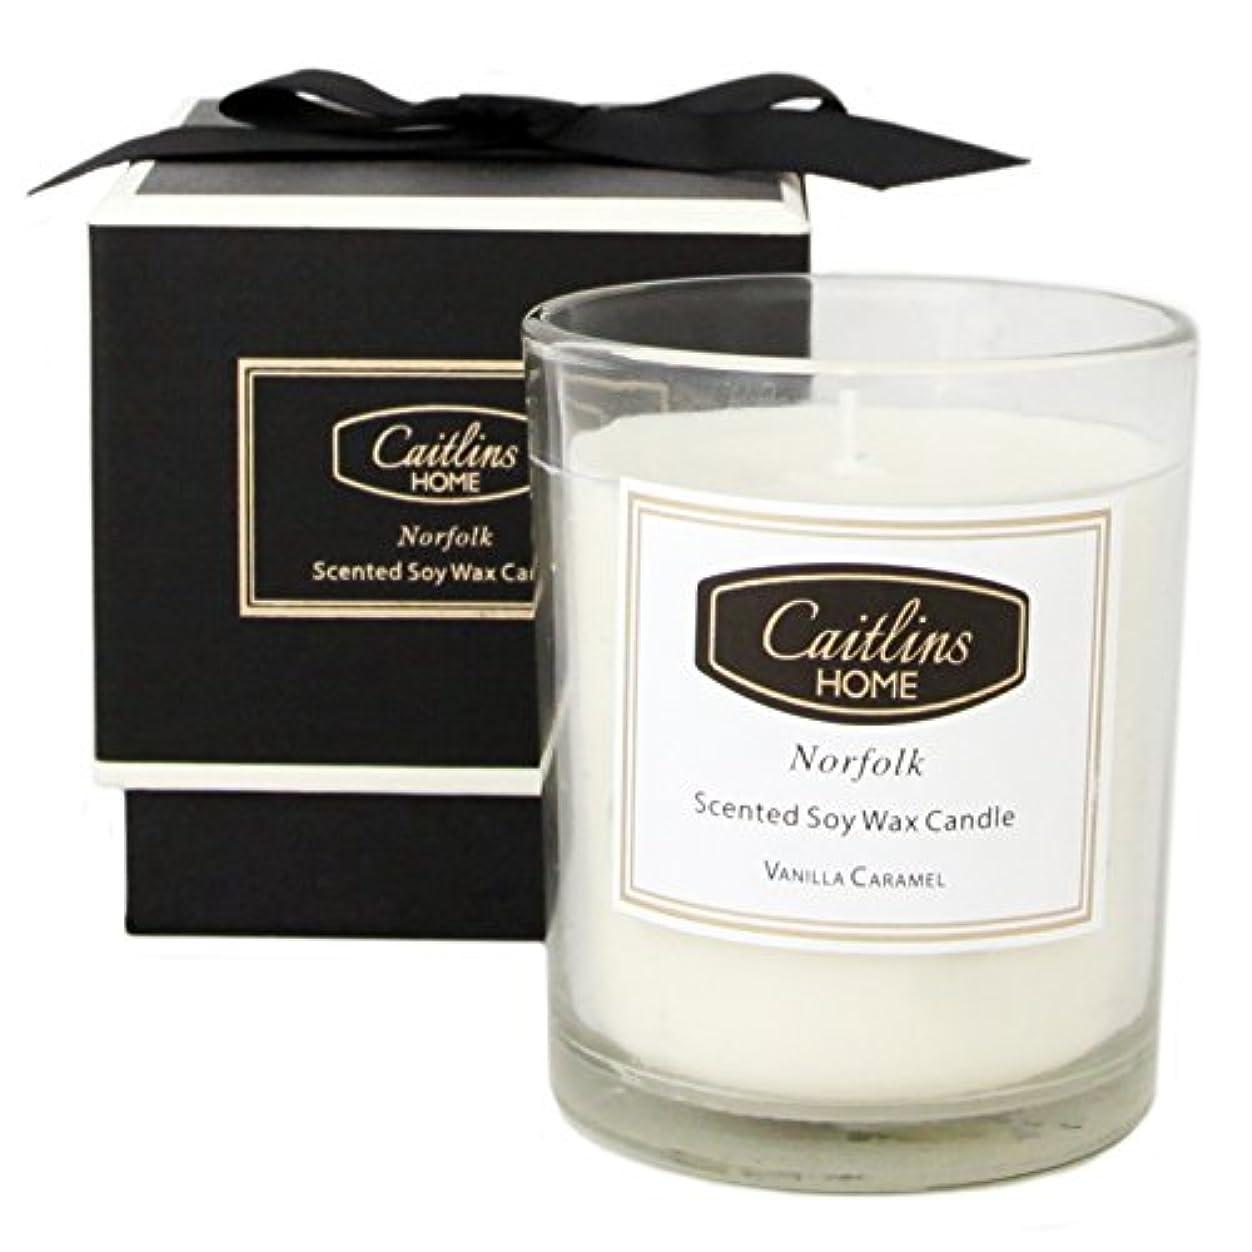 マウントバンク酸素変更(Small, Vanilla Caramel) - Vanilla Caramel Candle Soy Wax Aromatherapy Candle Home Fragrance Gift Caitlins Home